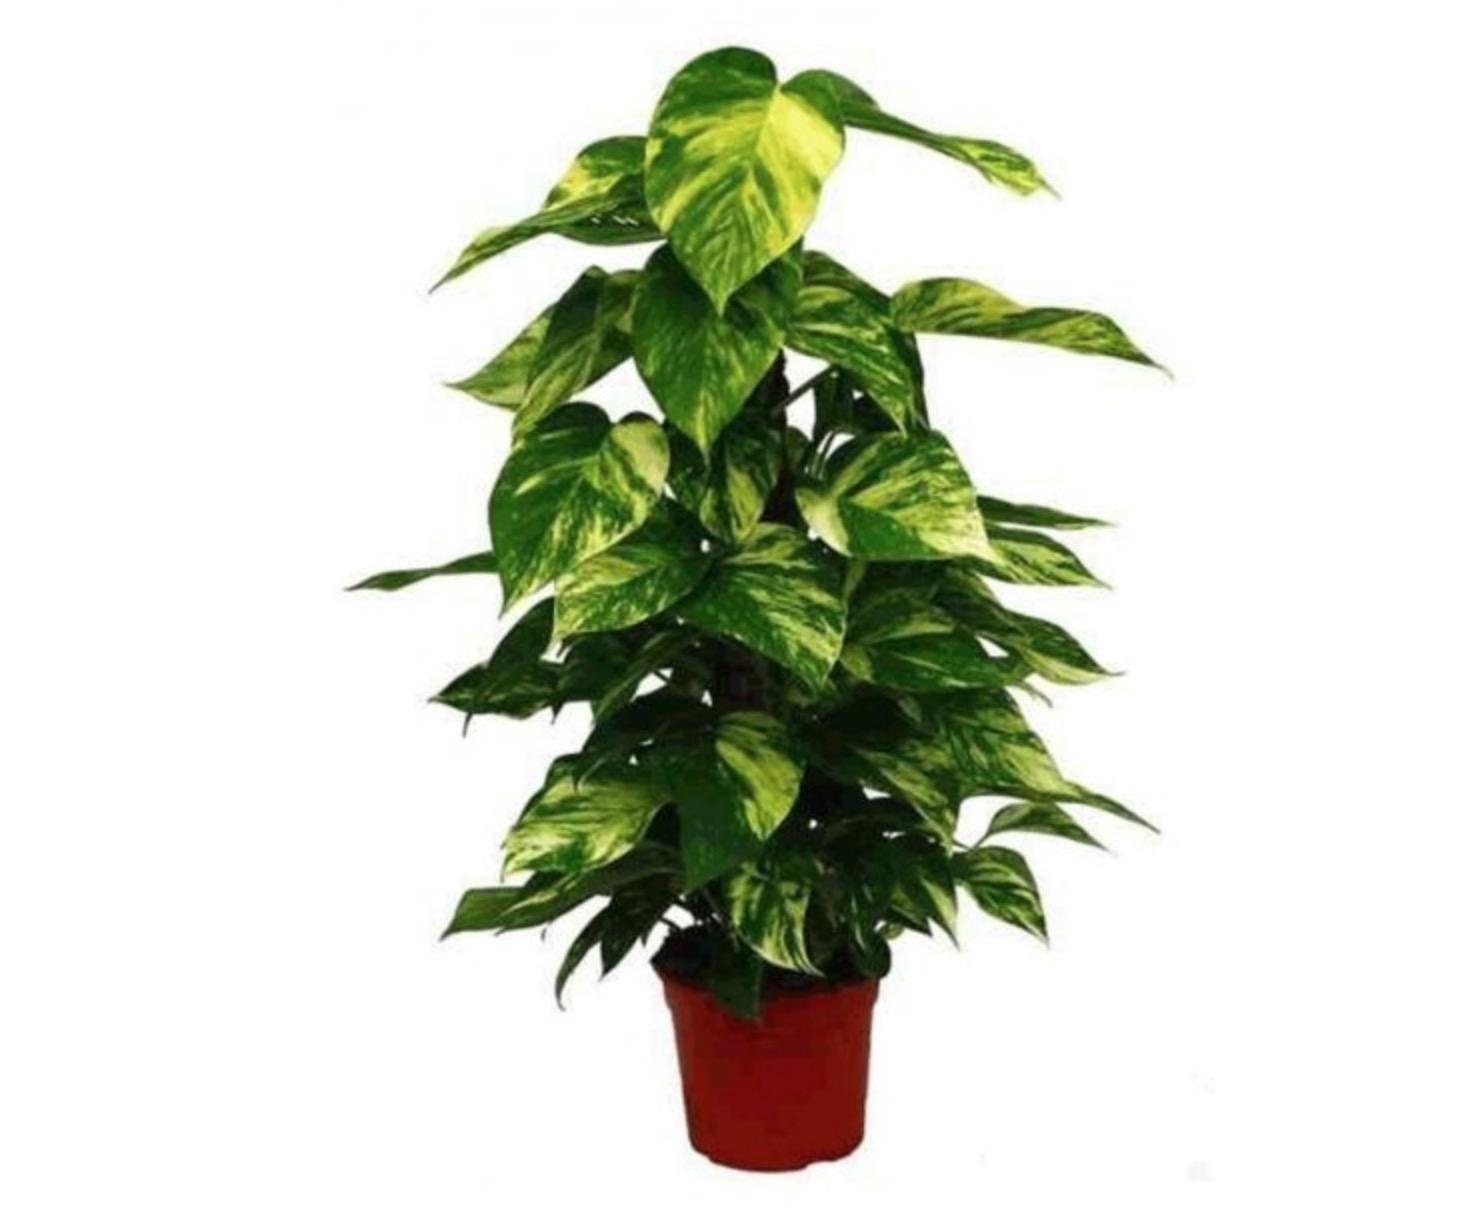 Plantas Que Limpian El Aire Free Las Con Plantas With Plantas Que  ~ Plantas Que Limpian El Ambiente